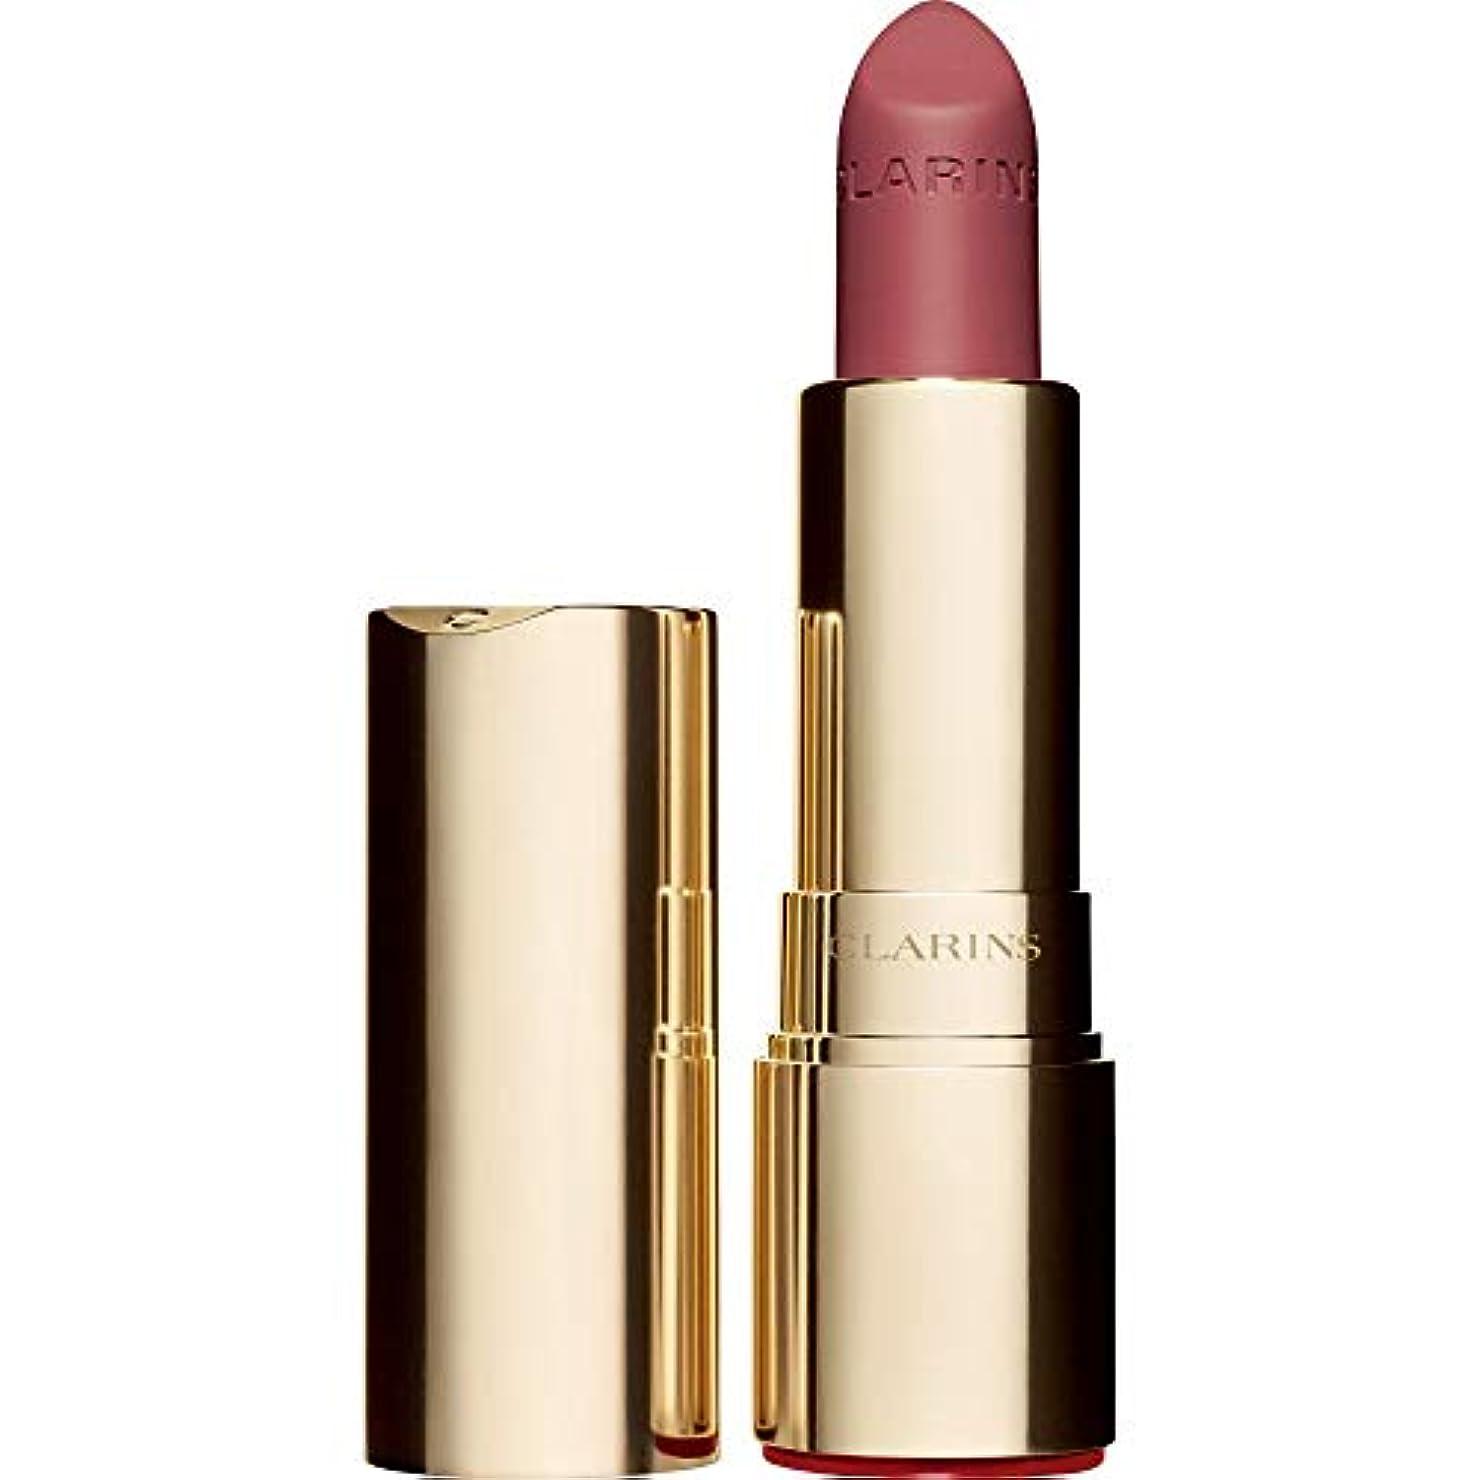 たるみパキスタン人繰り返し[Clarins ] クラランスジョリルージュのベルベットの口紅3.5グラムの752V - ローズウッド - Clarins Joli Rouge Velvet Lipstick 3.5g 752V - Rosewood...